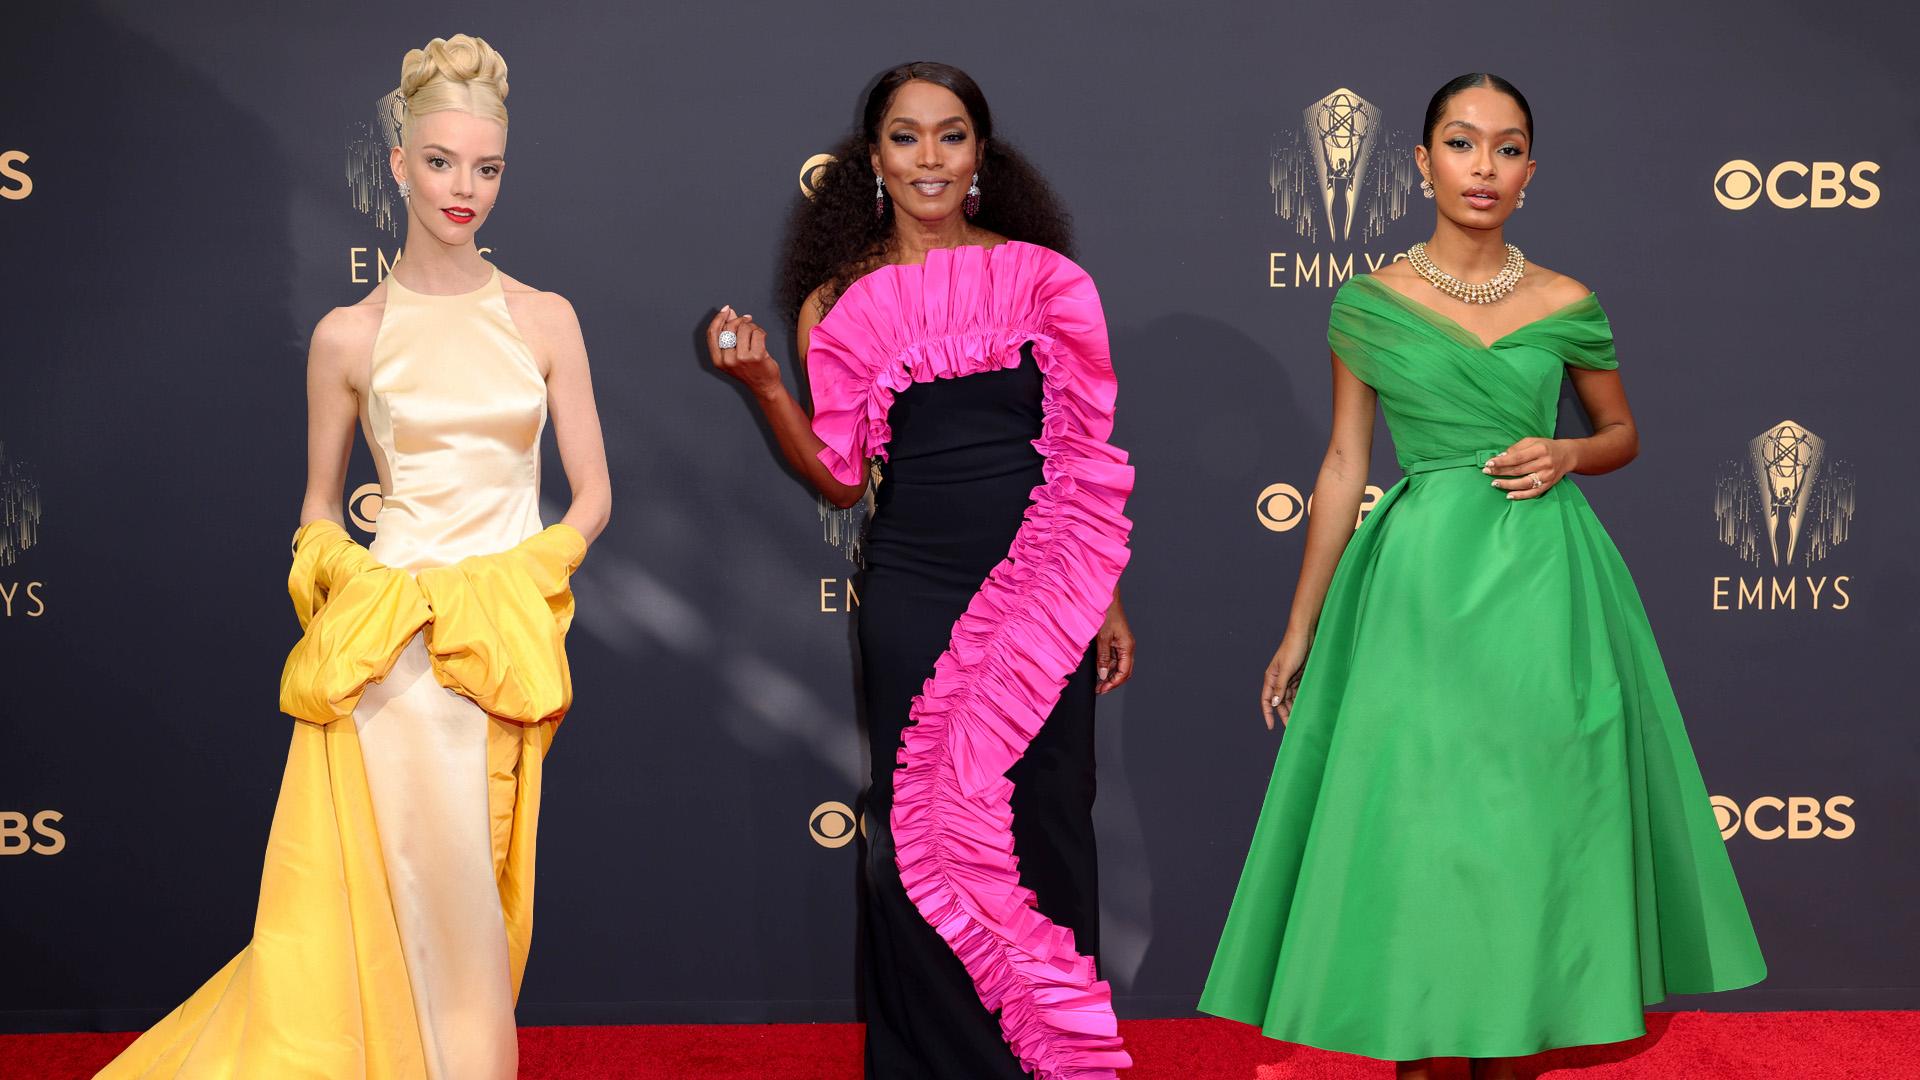 Tojásrántotta-estélyi tarolt az Emmy ruhaversenyén